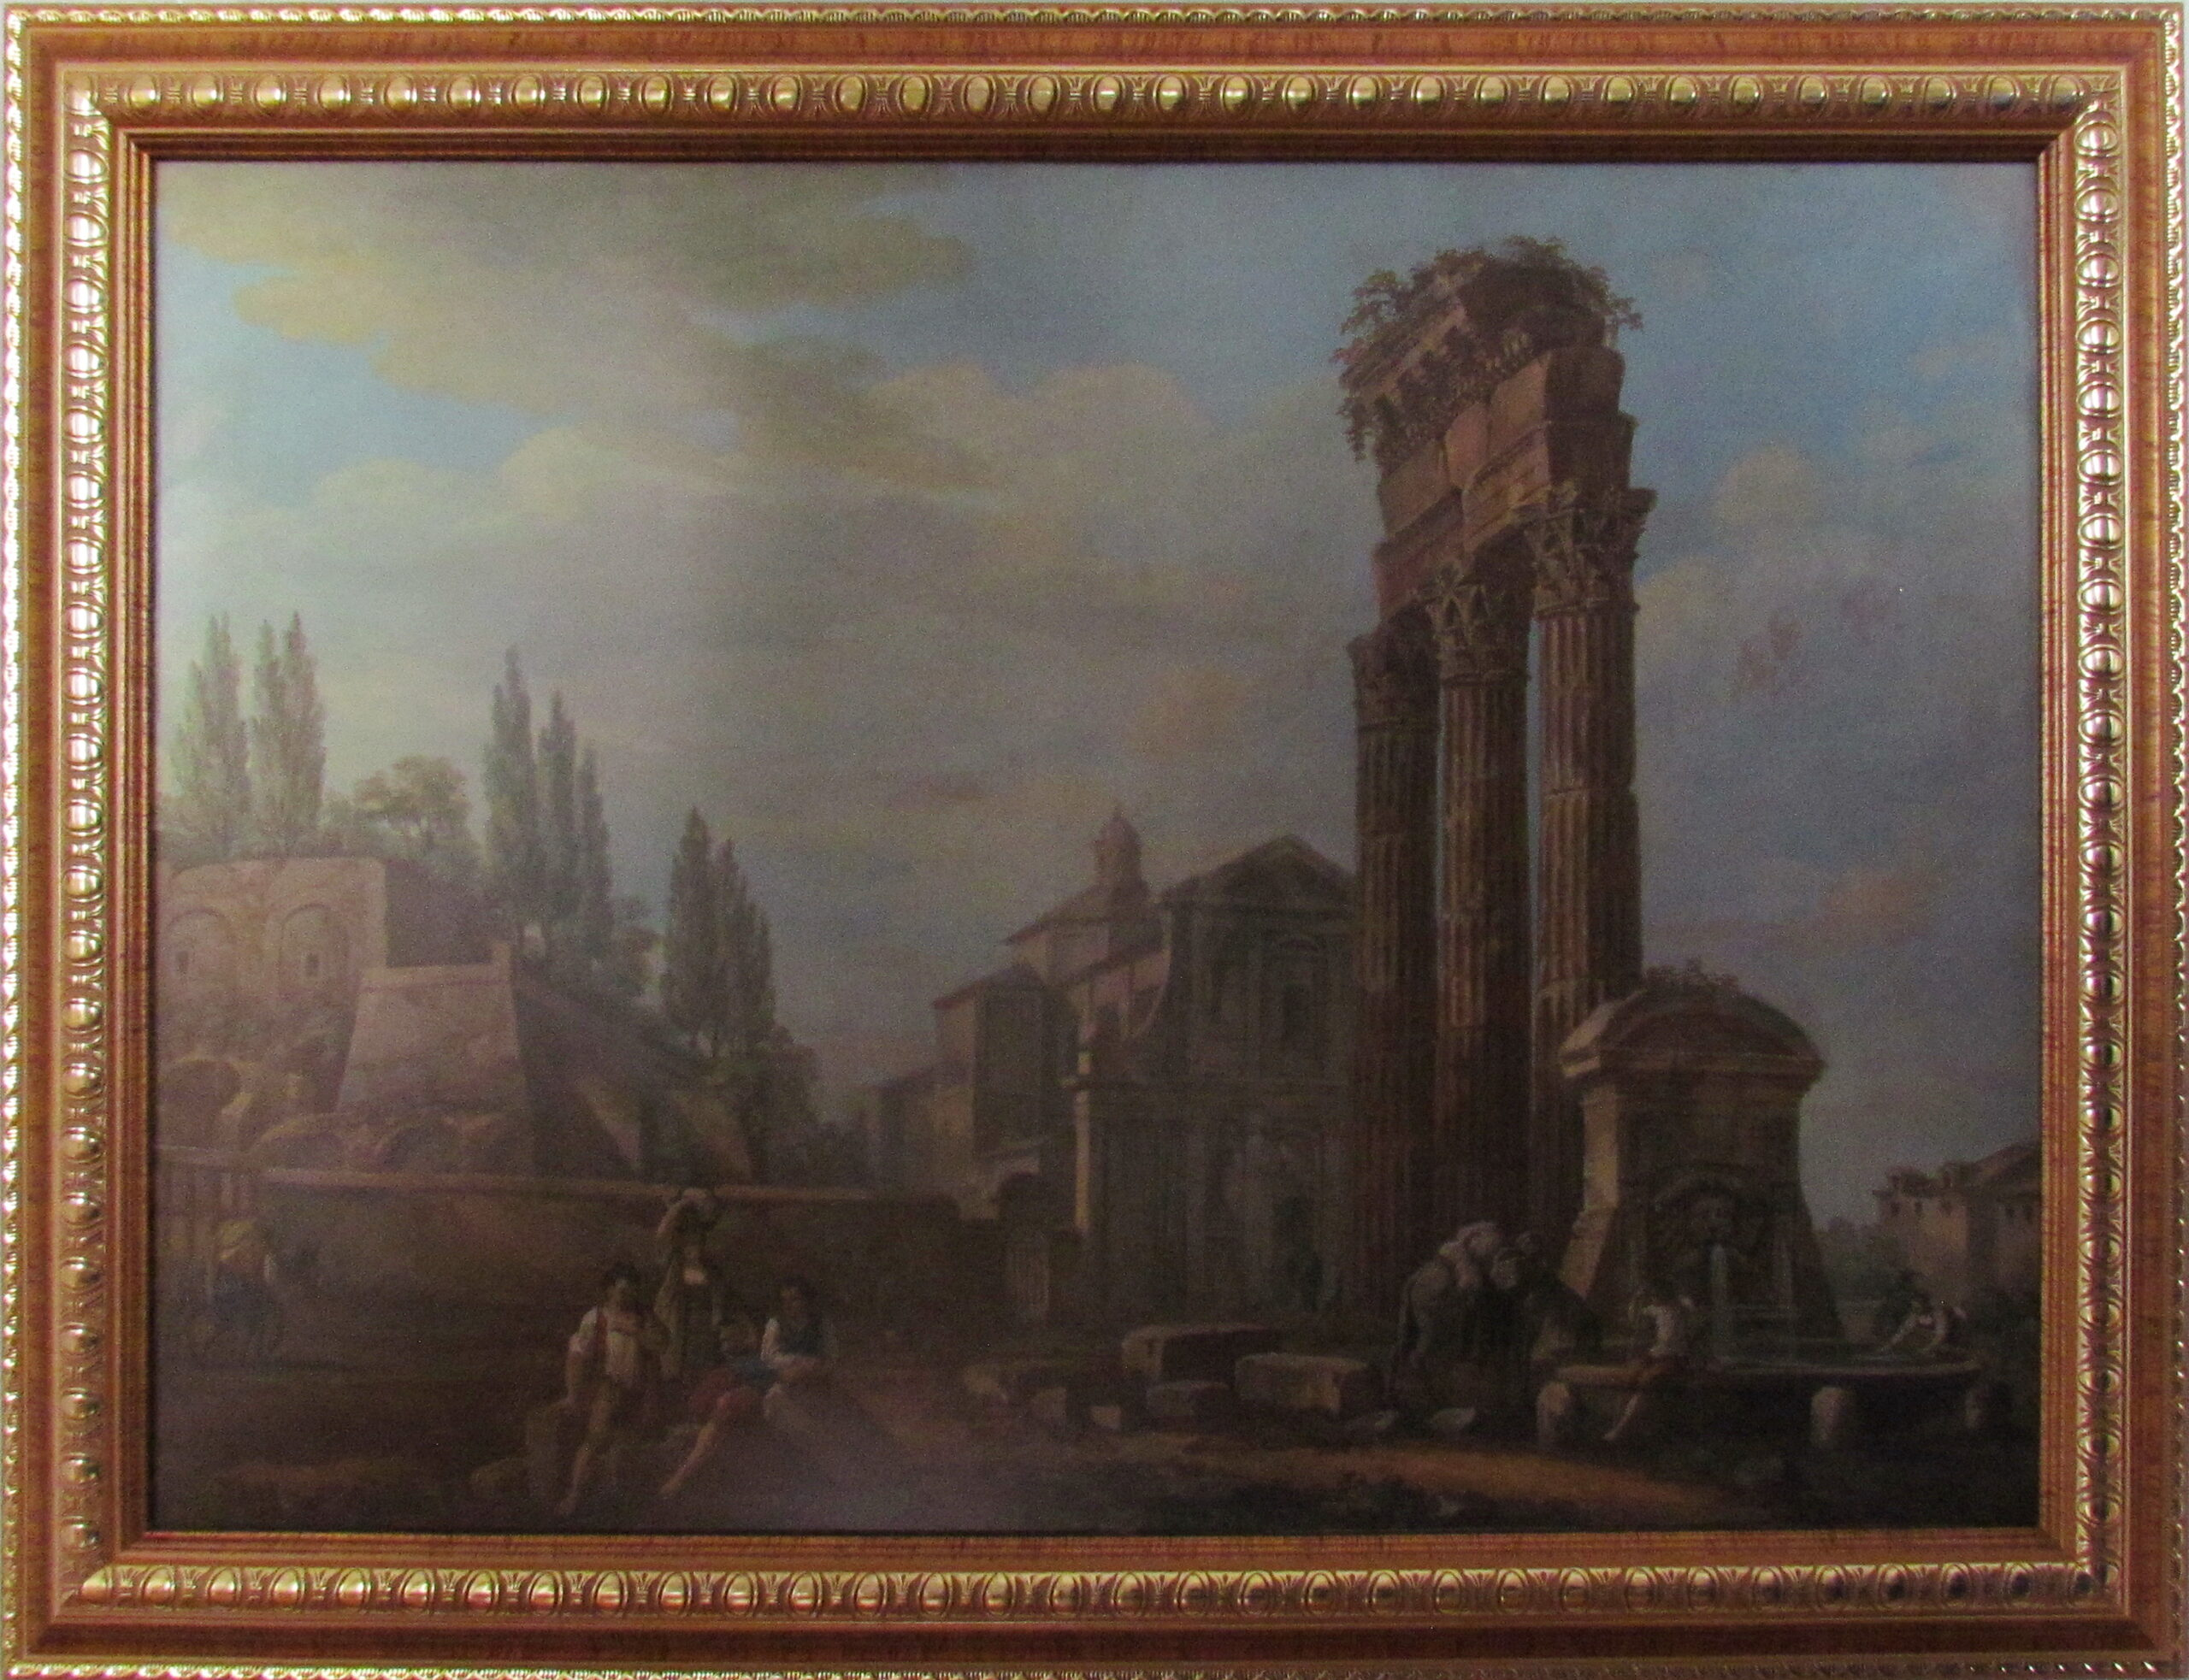 Сошенко І.М. Картина. Форум Юлія в Стародавньому Римі. Друга половина ХІХ ст..